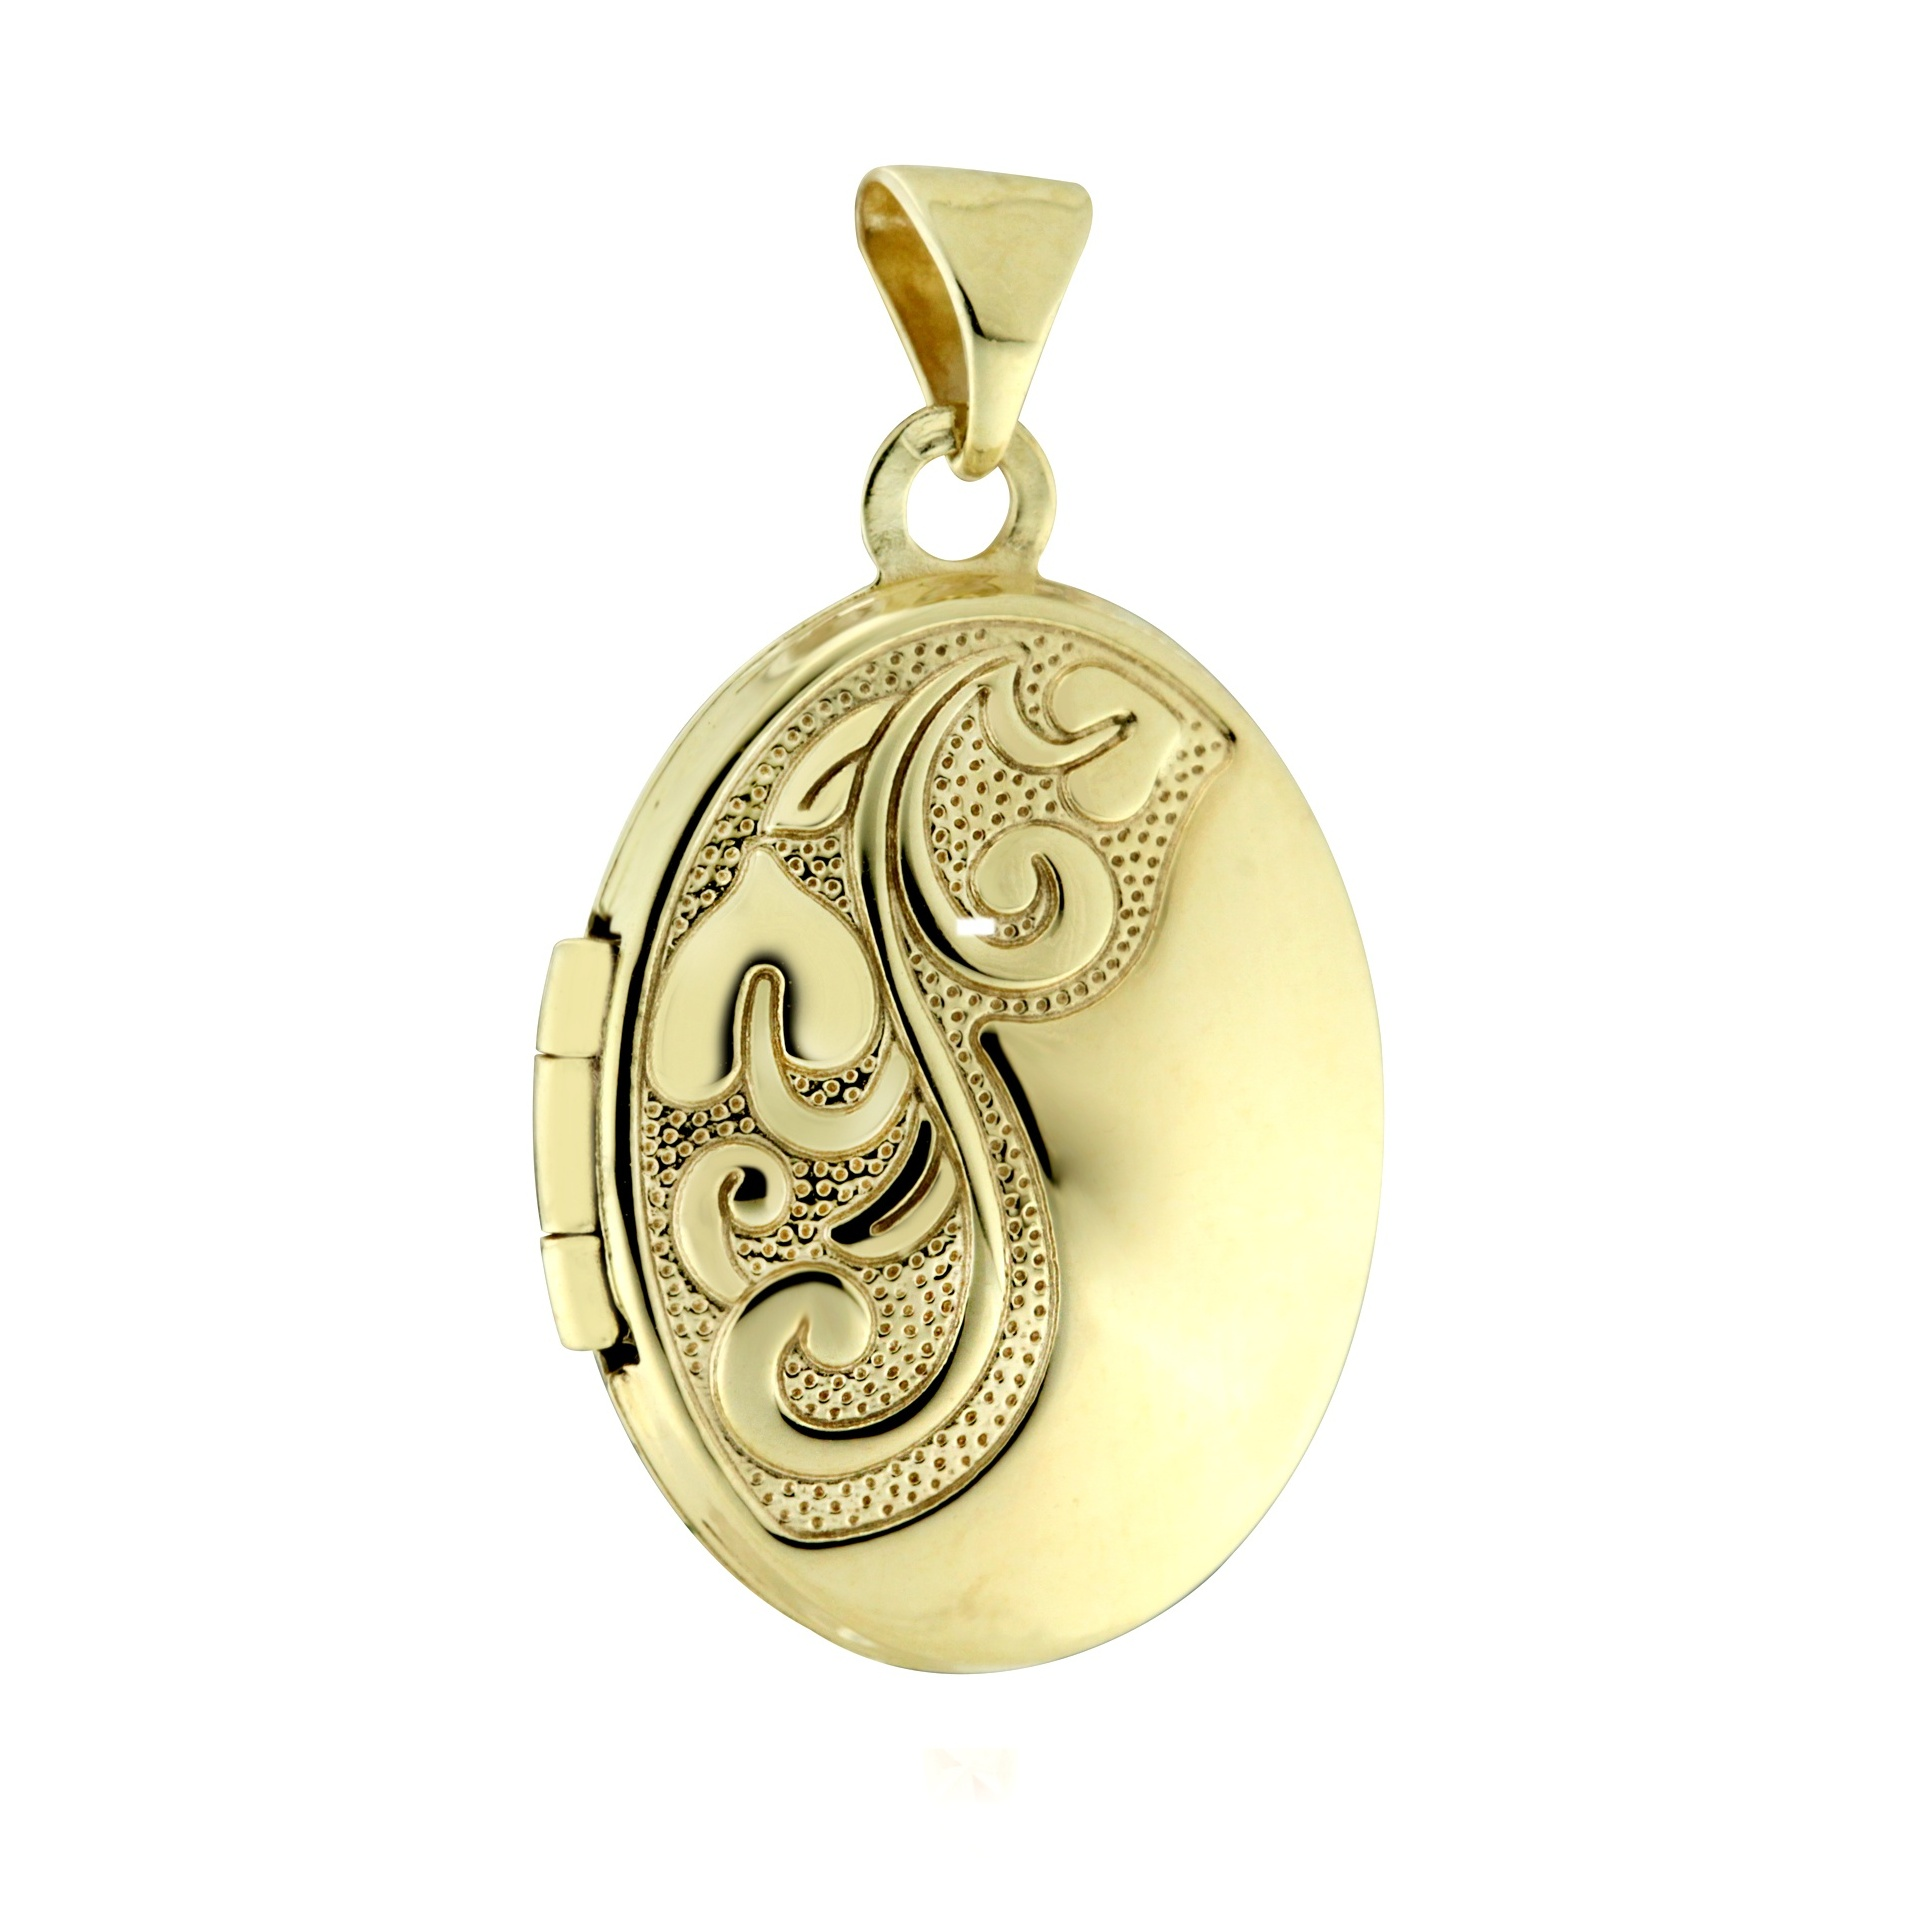 Zlatý otevírací medailonek